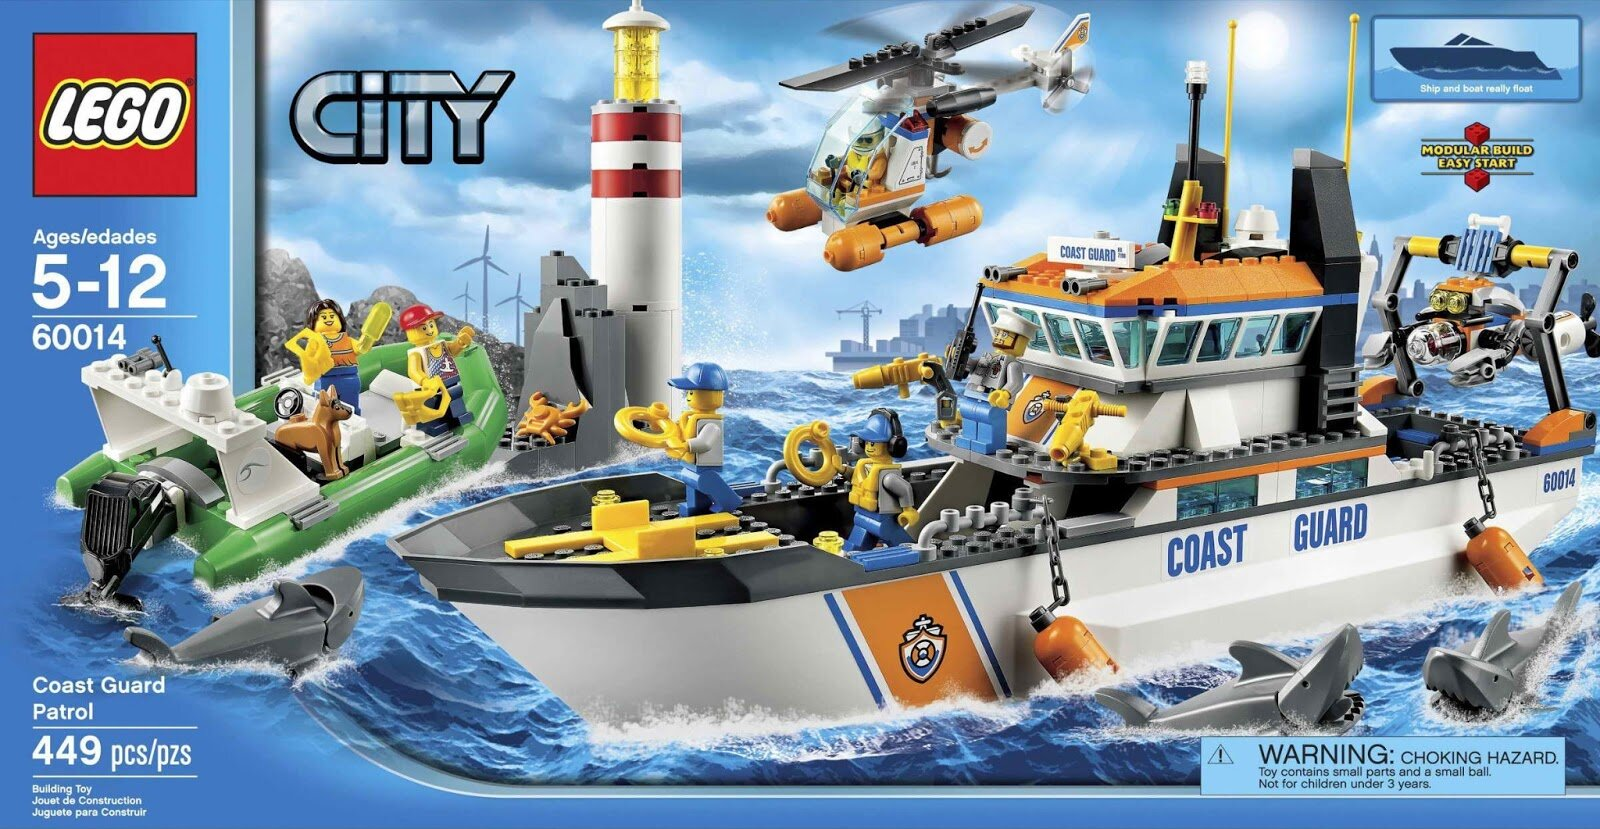 Đồ chơi LEGO CITY 60014 Xếp hình Tàu Cứu Hộ